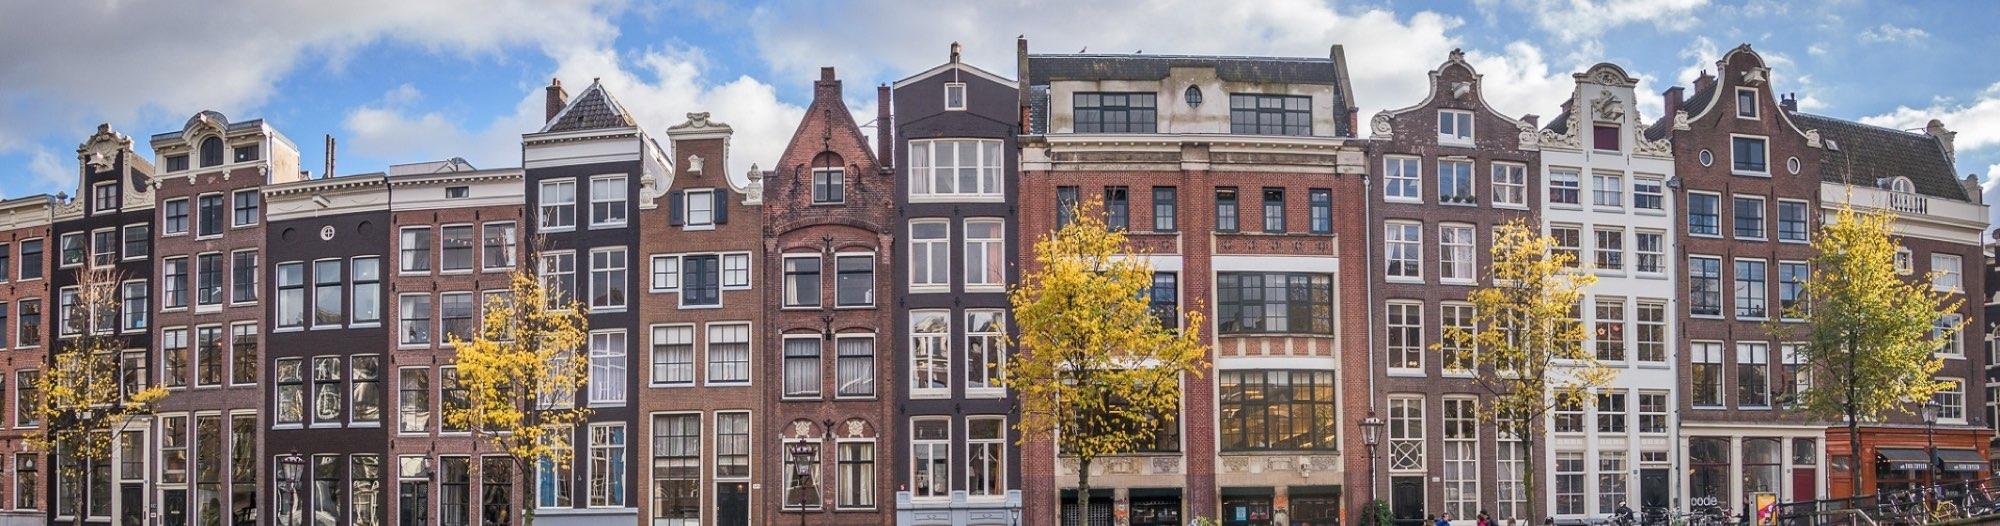 Vue.js Amsterdam 2019